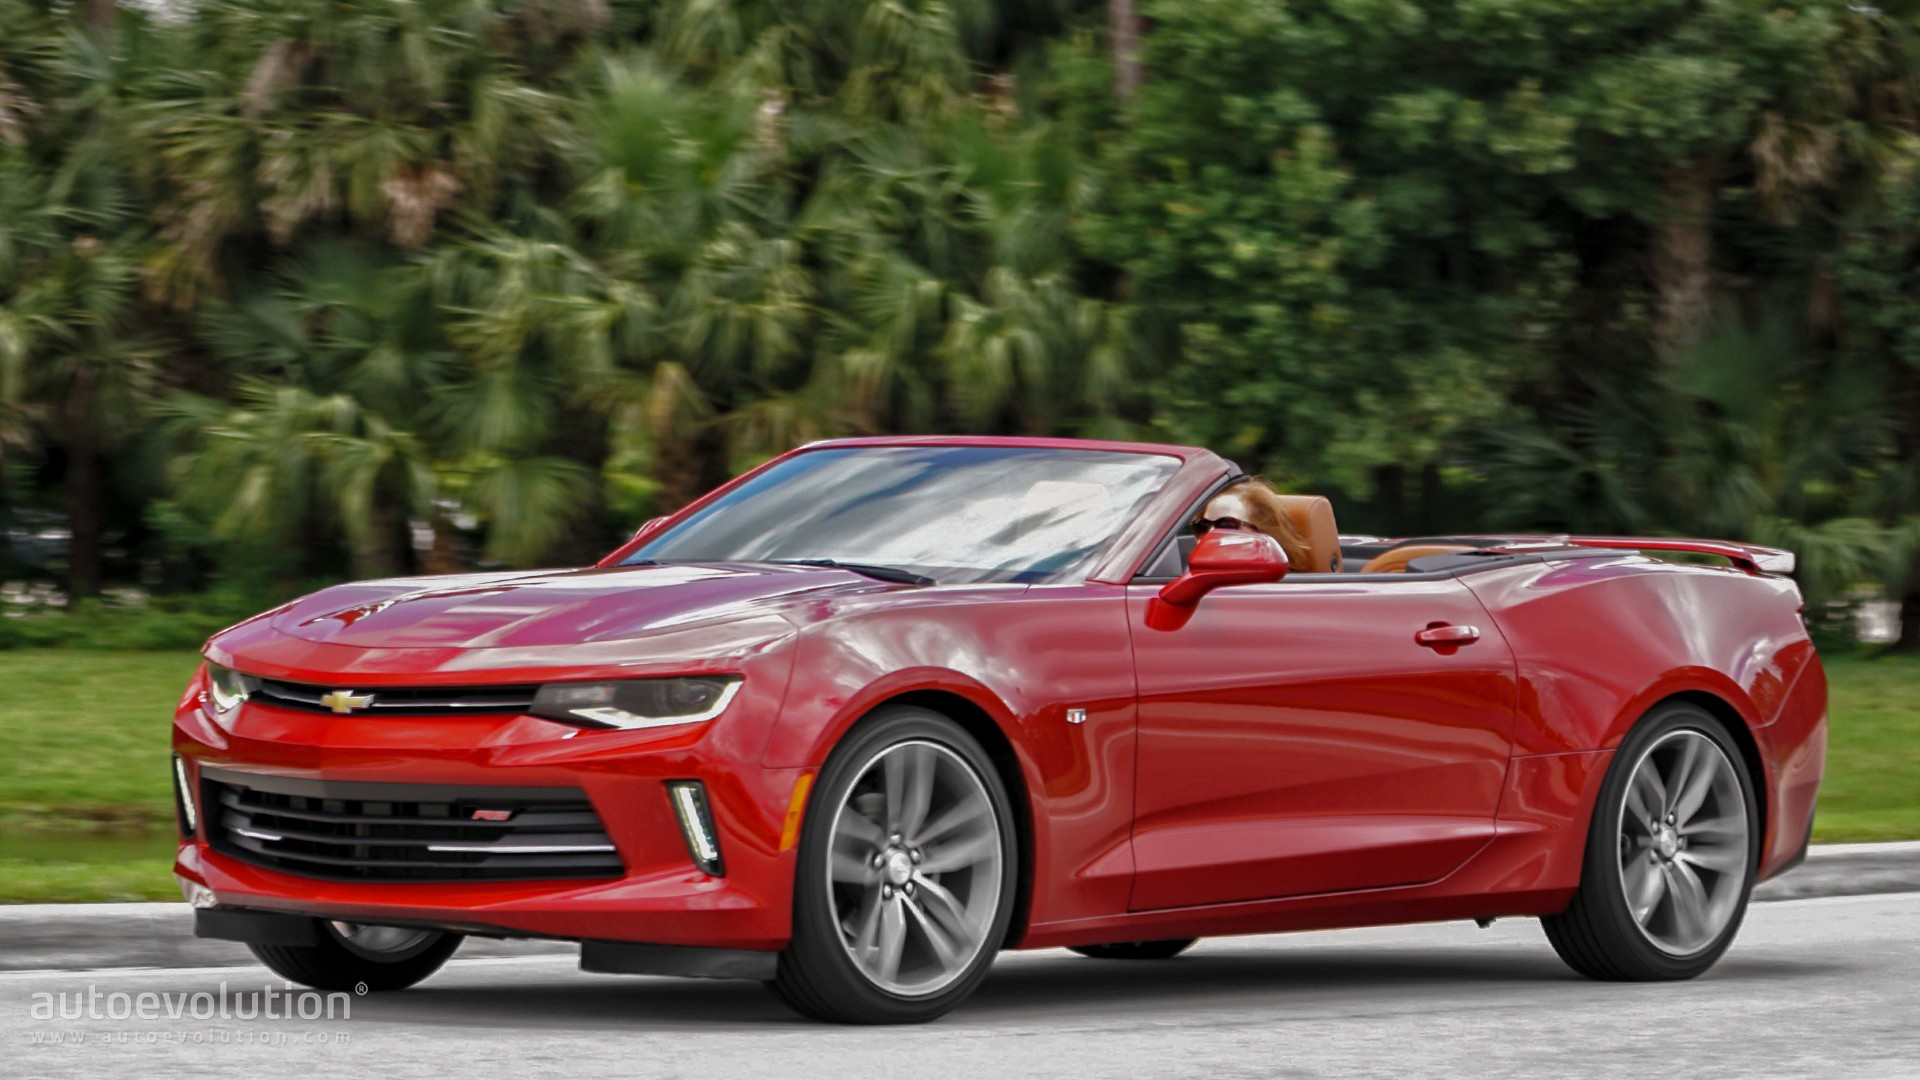 Driven: 2016 Chevrolet Camaro RS Convertible - autoevolution